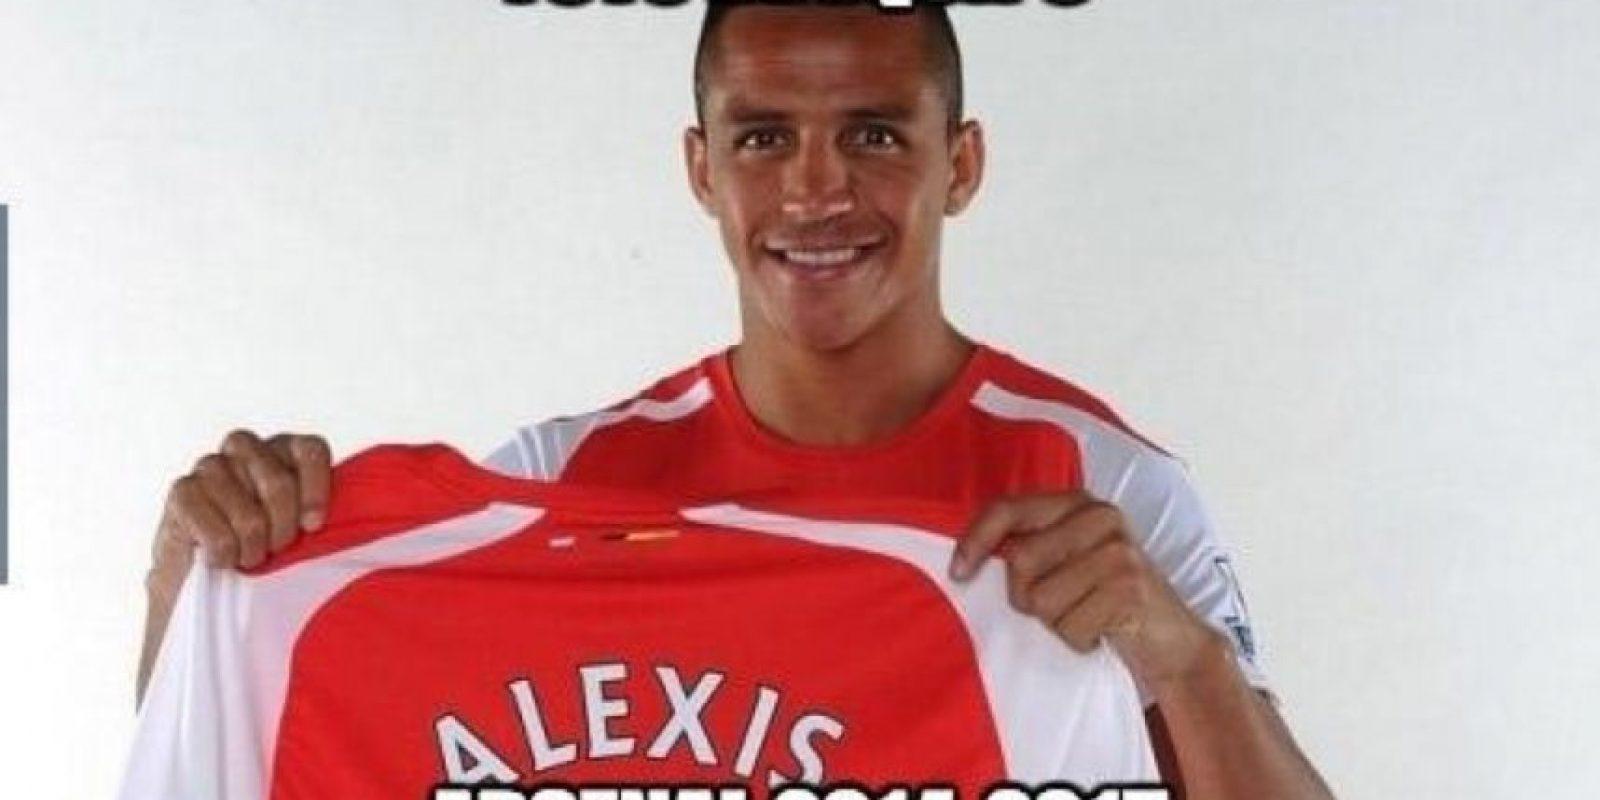 Alexis Sánchez ha tenido una temporada brillante con el Arsenal Foto:Twitter